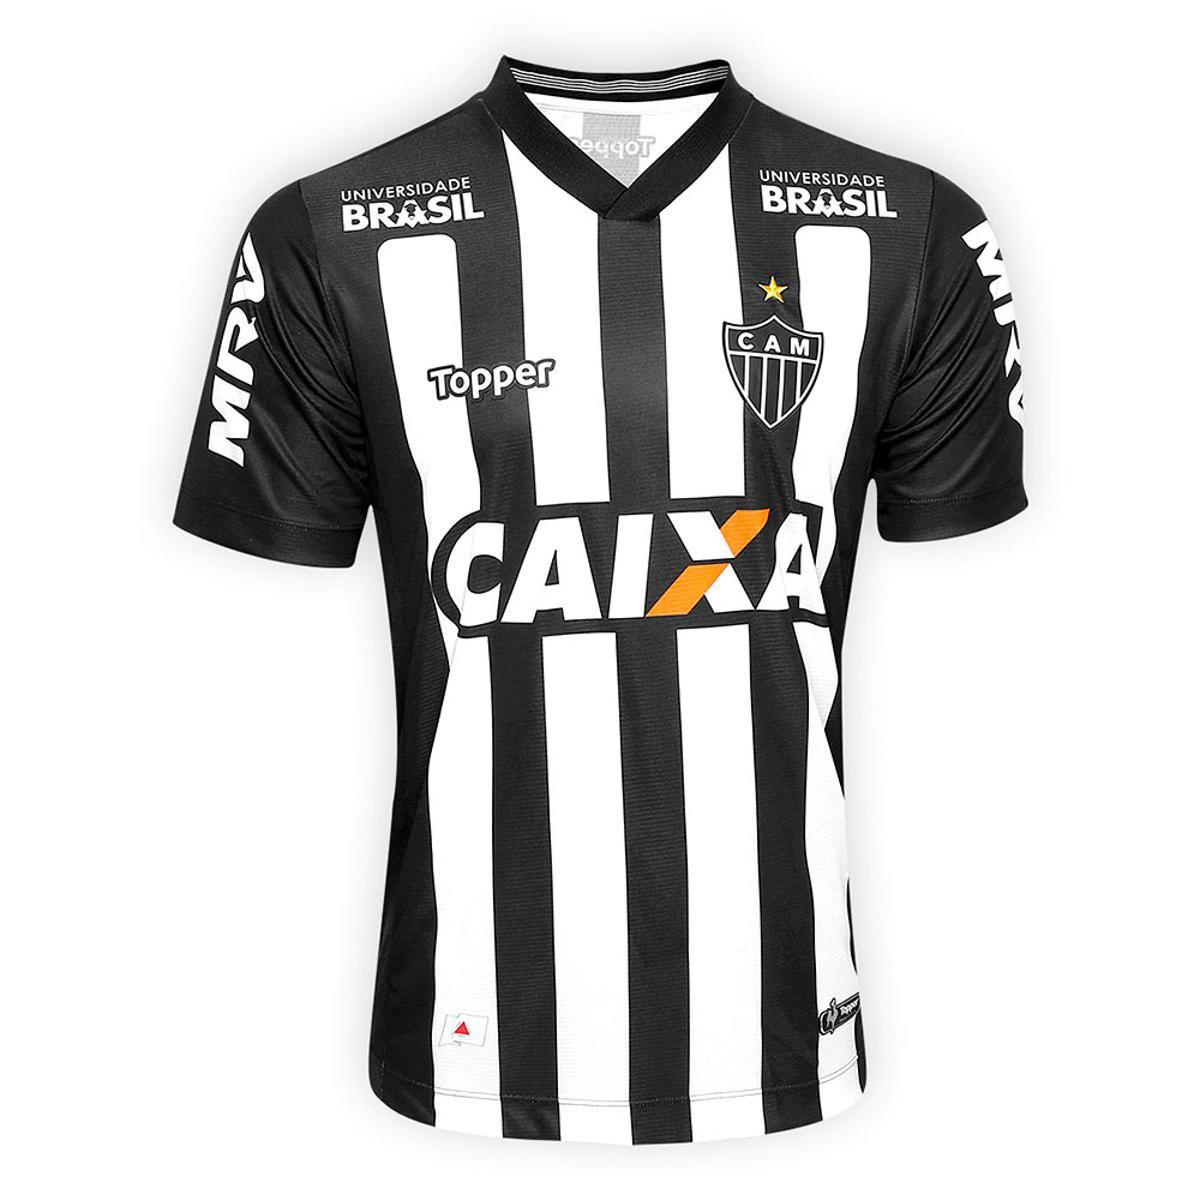 34b061e1ae Camisa Atlético-MG I 2018 S N° Torcedor Topper Masculina